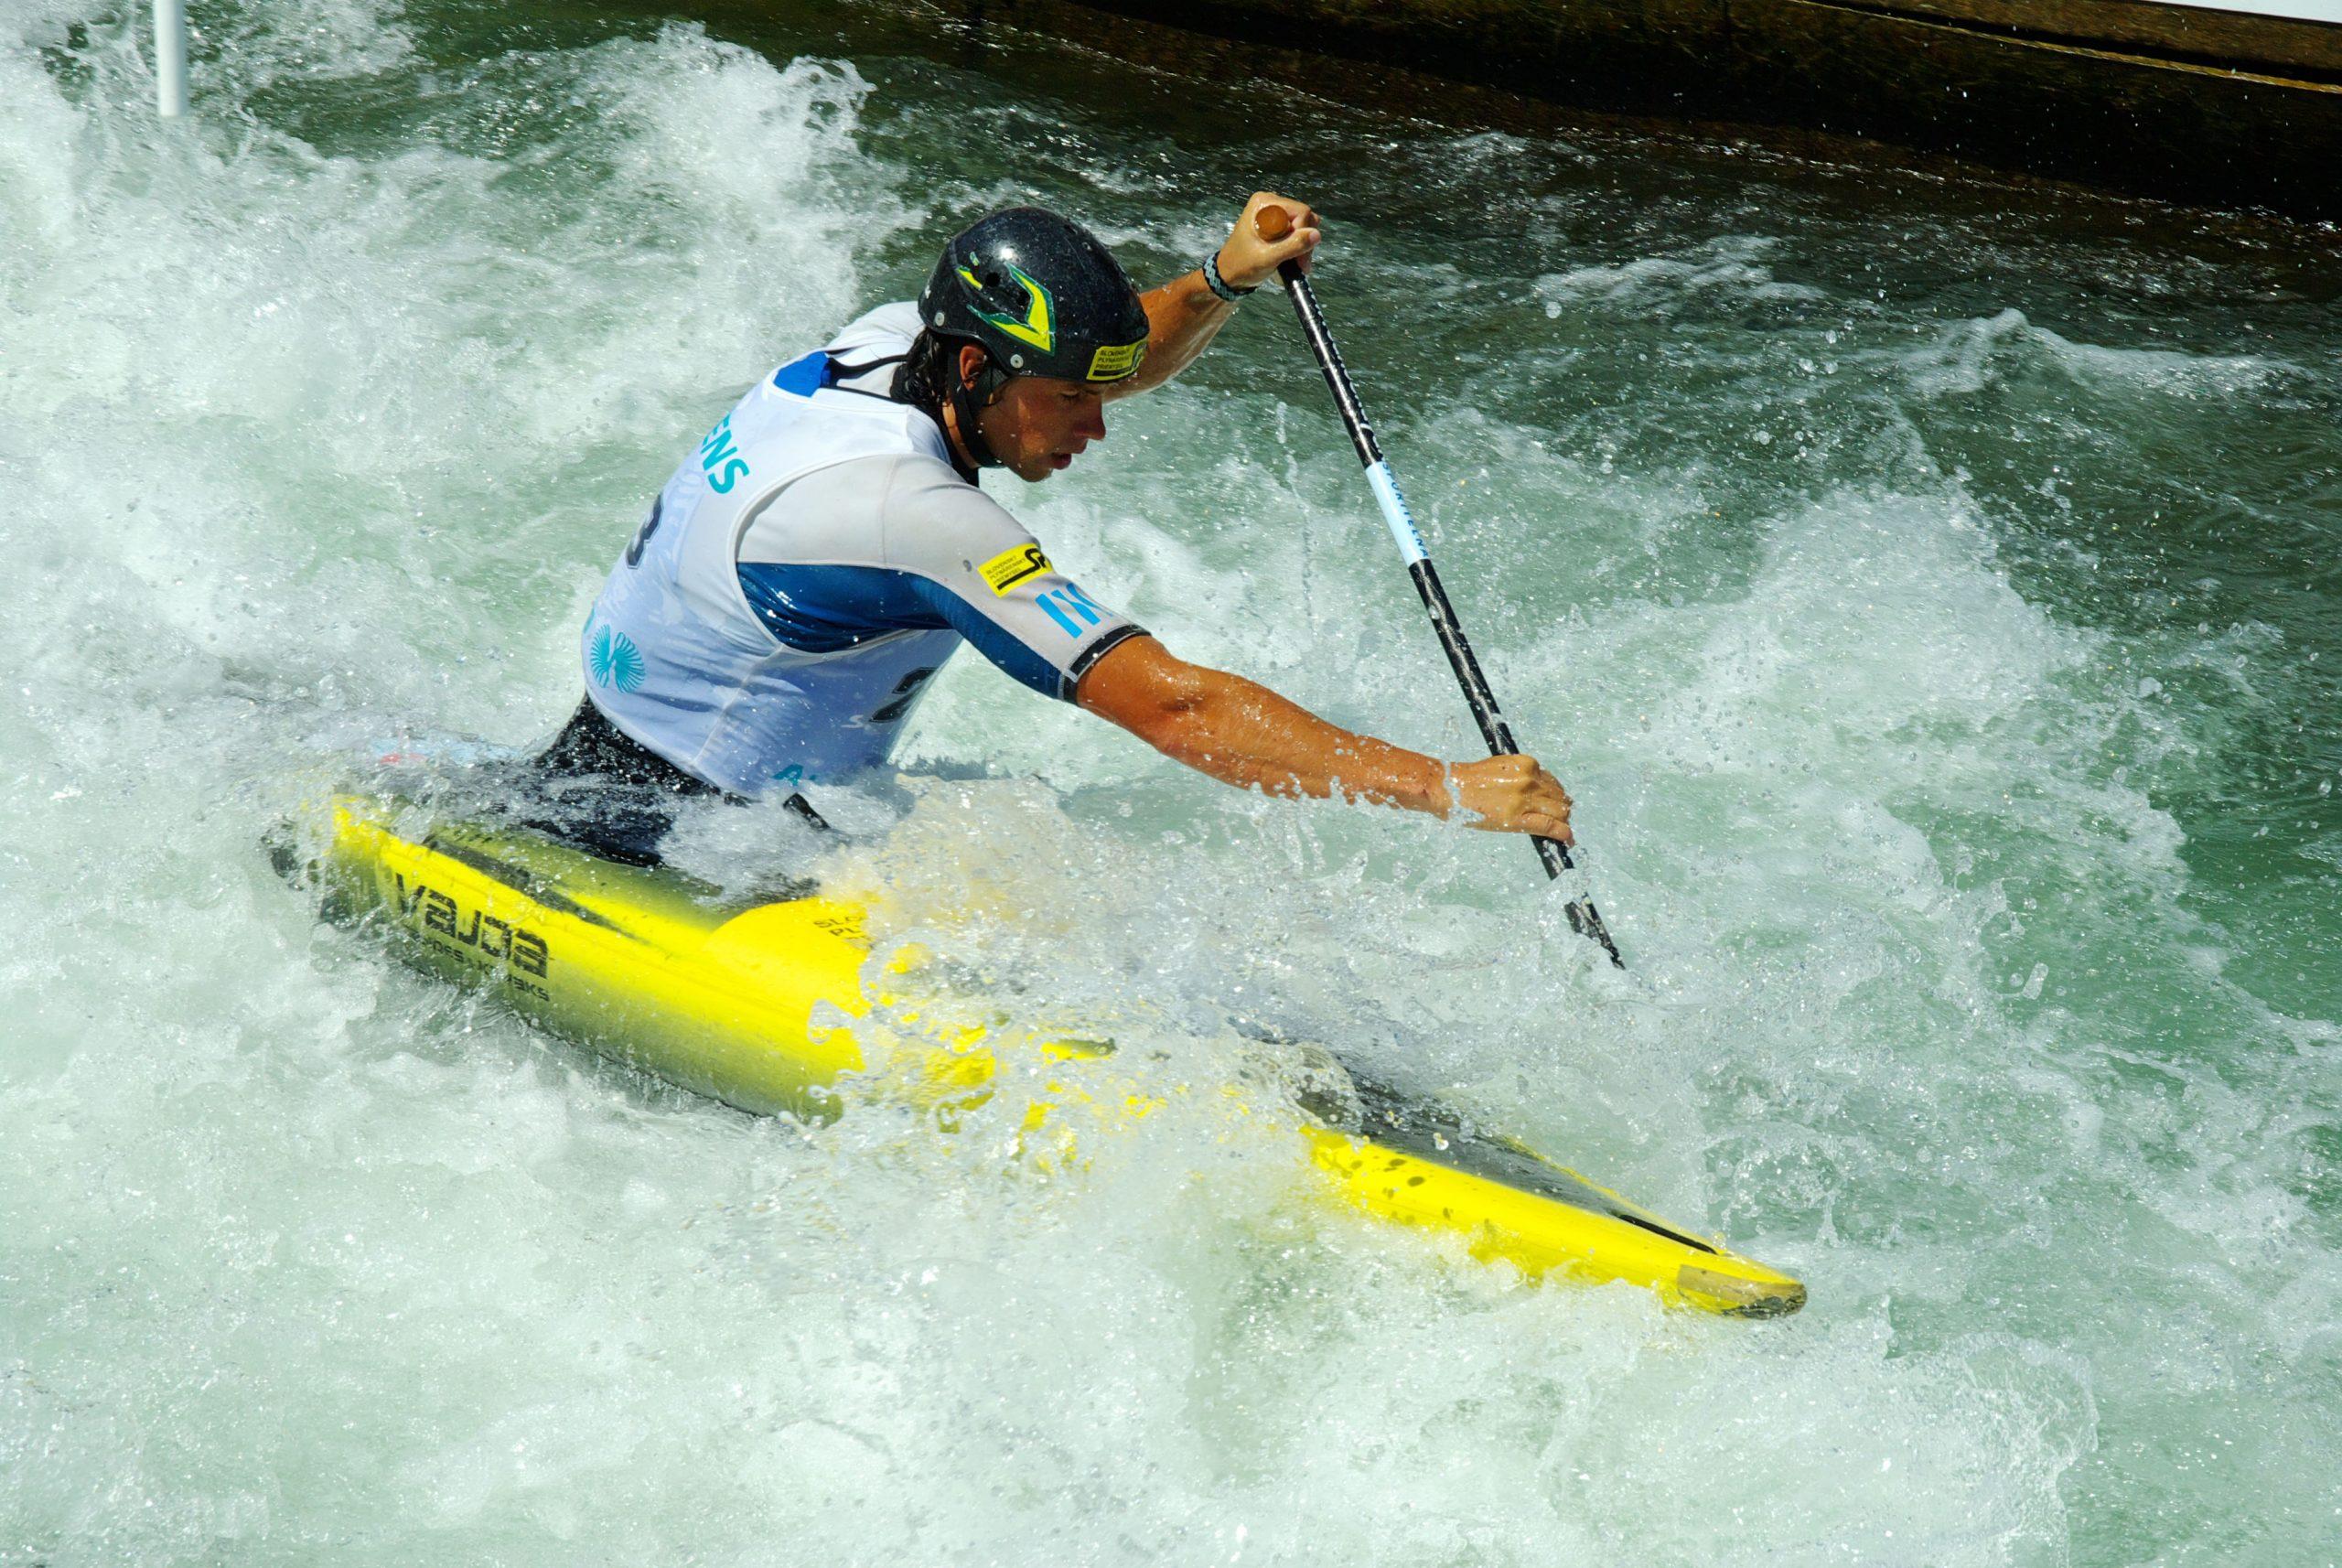 Kanu fahren verlangt Achtsamkeit: ein mann kämpft mit einem wütenden Fluss